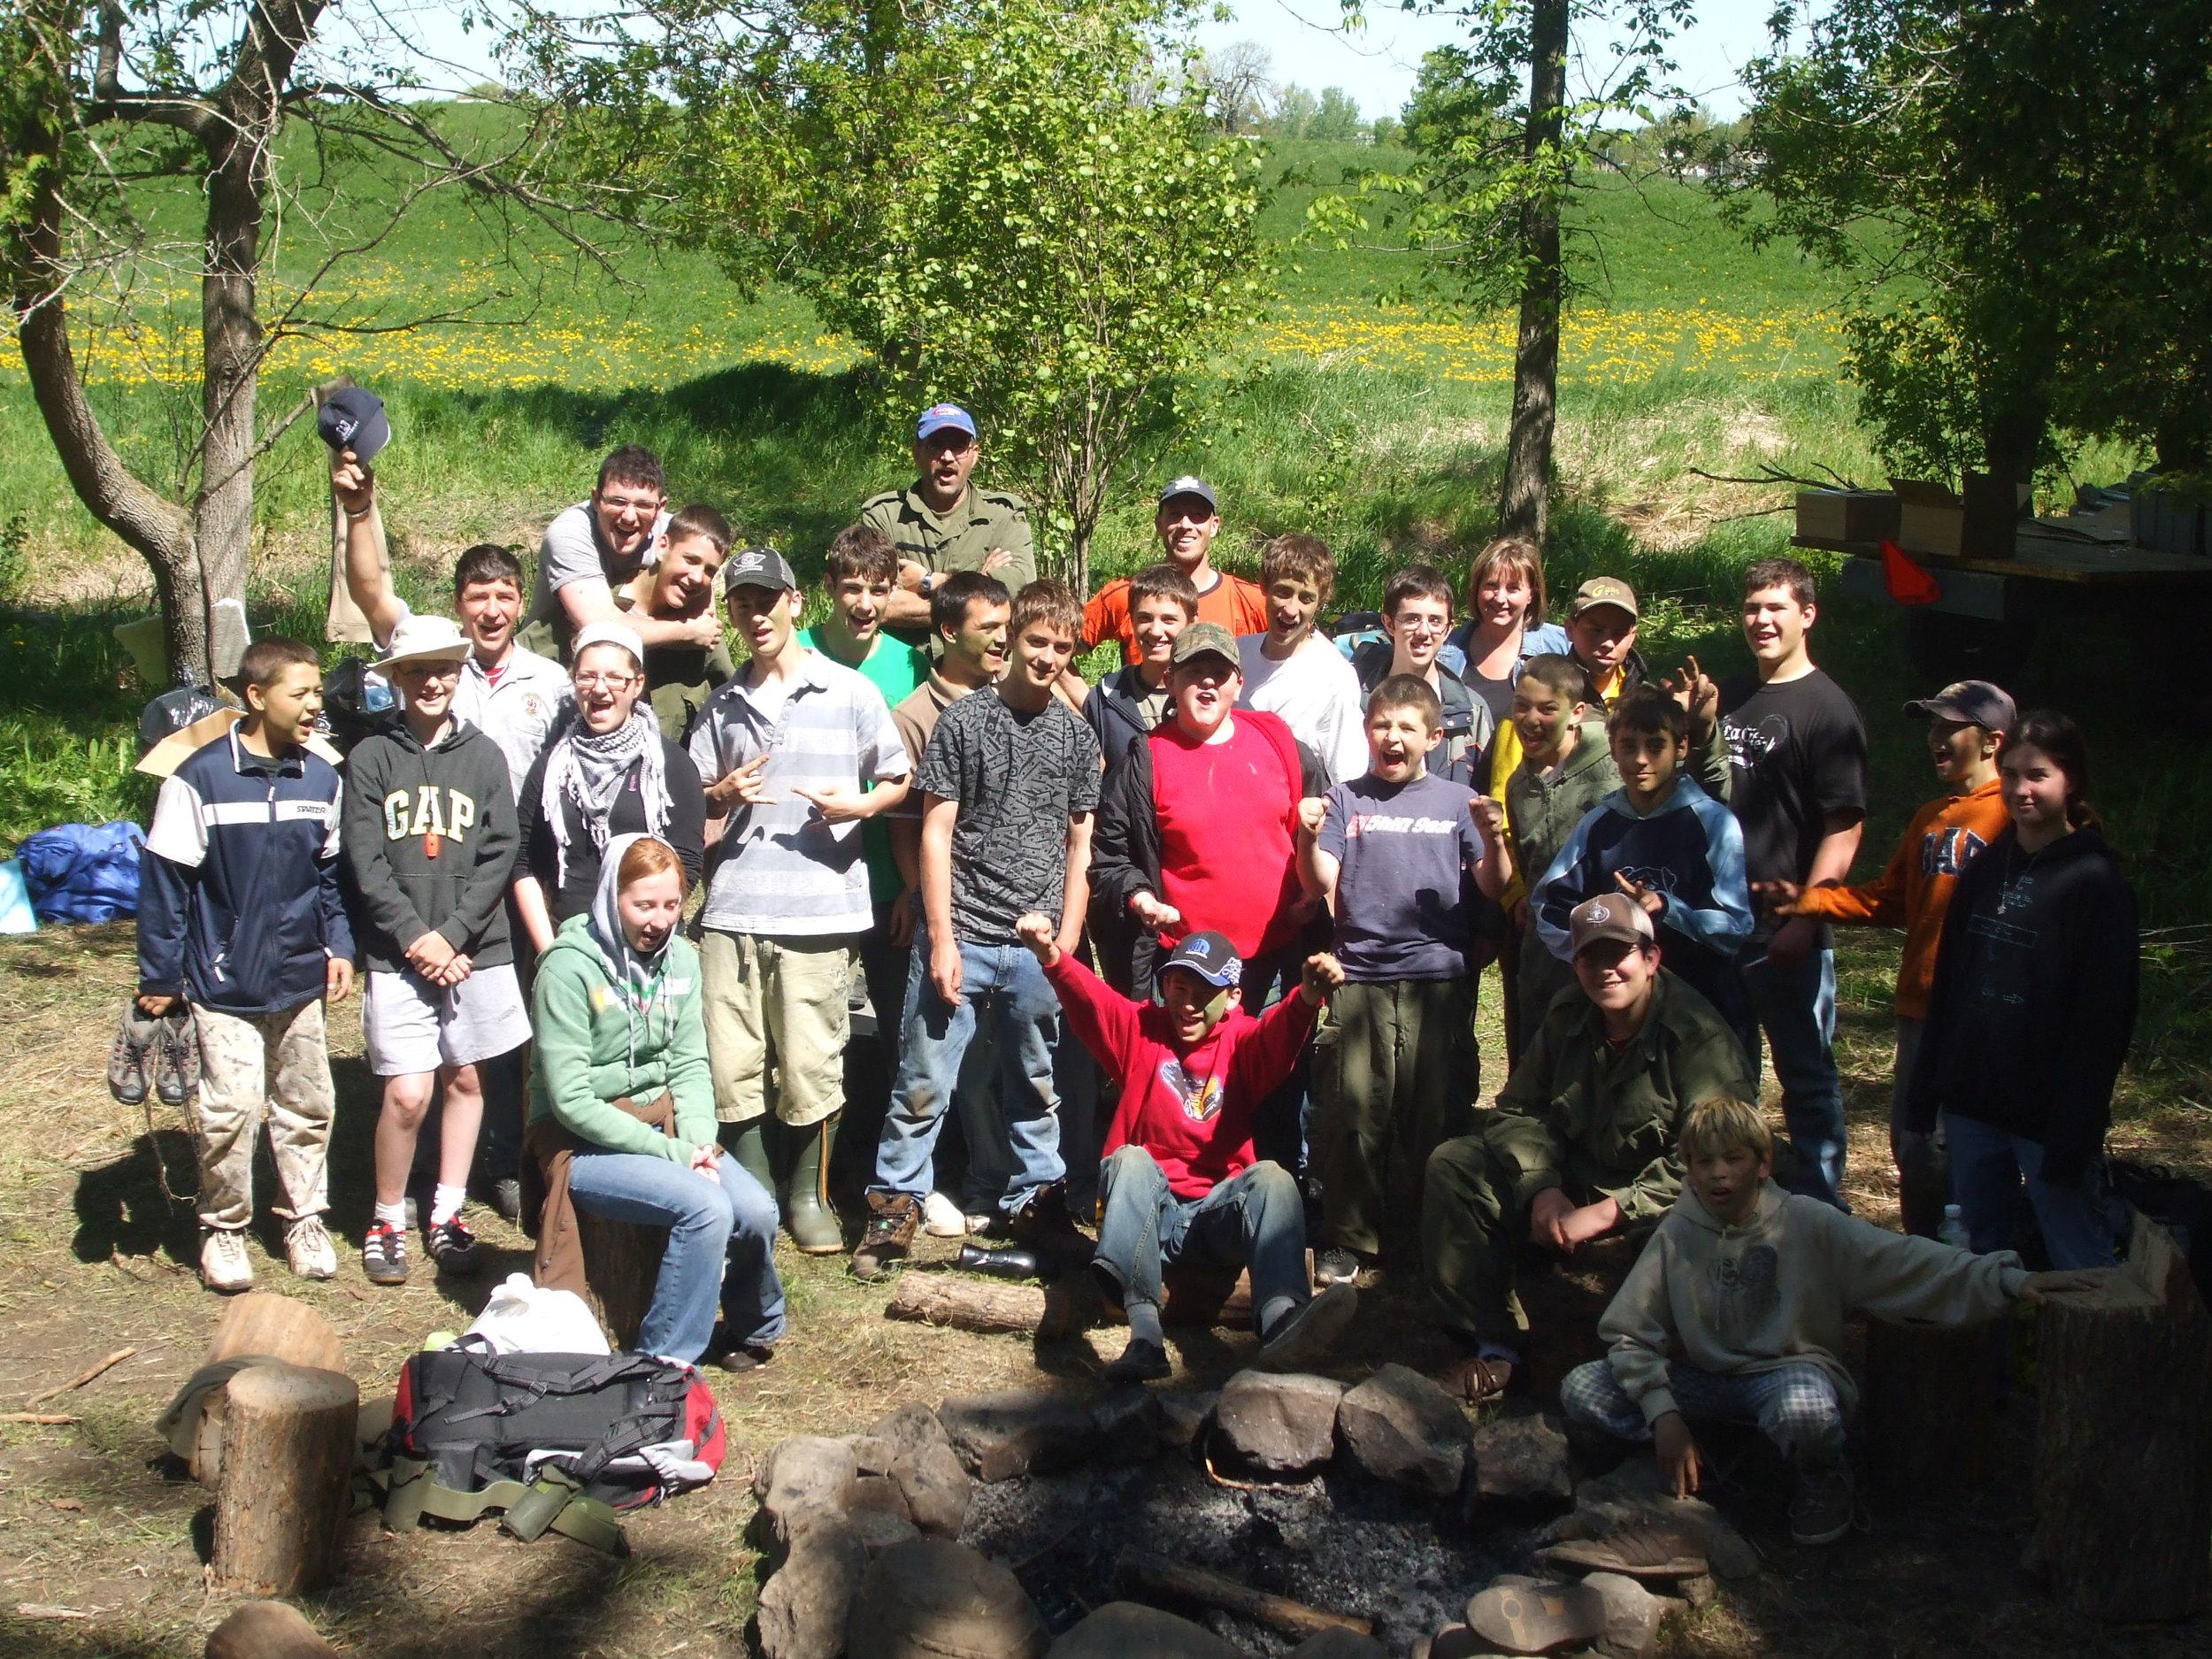 May 2008: Bush weekend at Camp McBean.